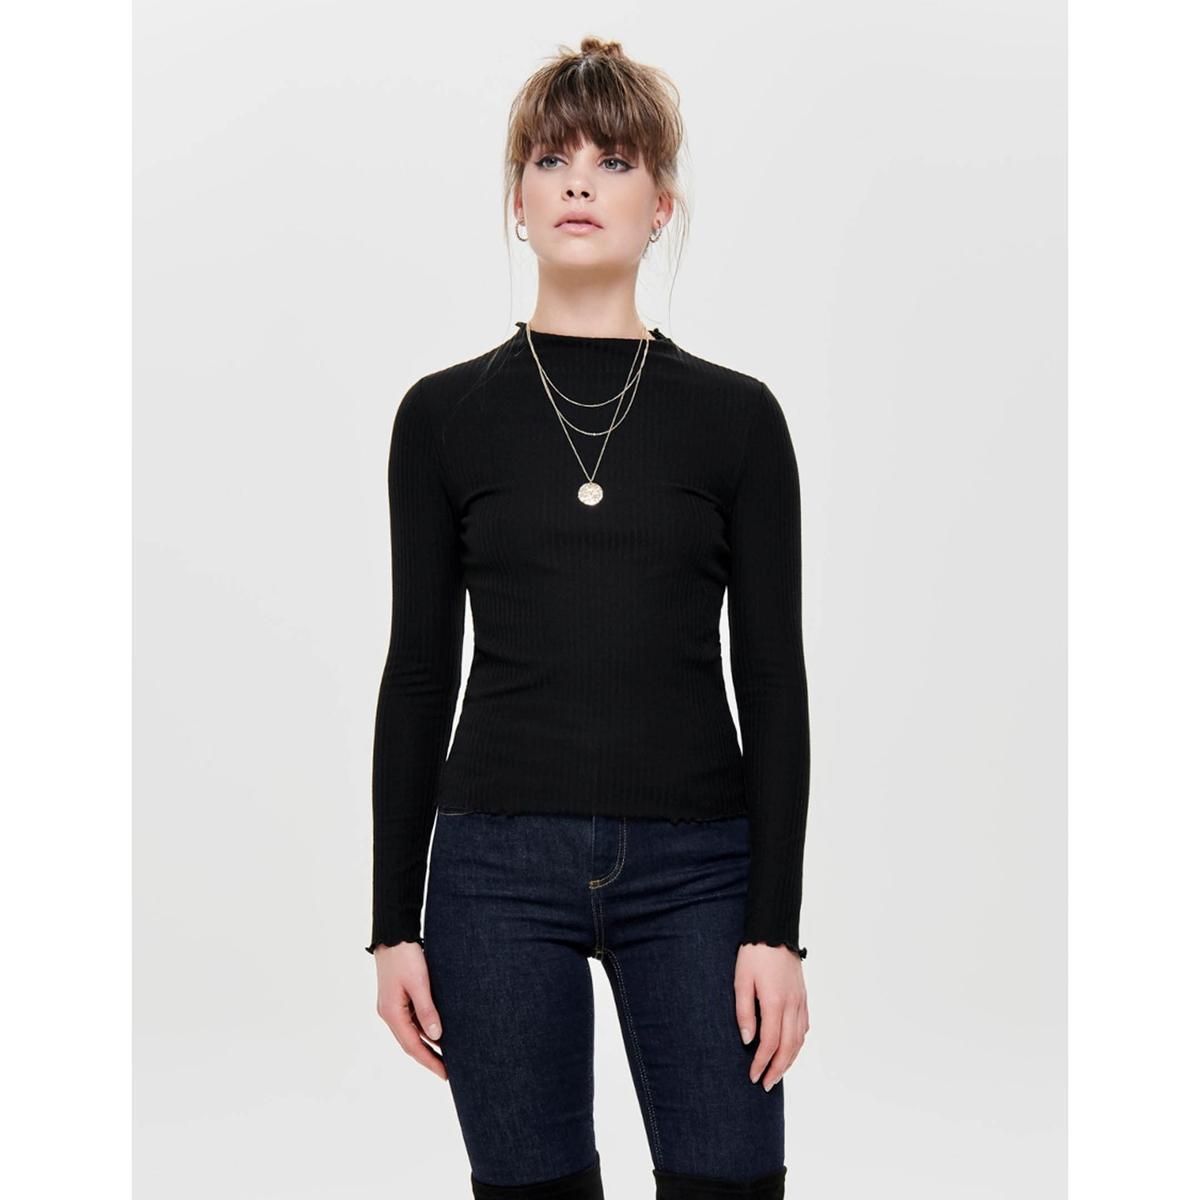 Пуловер La Redoute Из тонкого трикотажа с оригинальной отделкой L черный пуловер la redoute из тонкого трикотажа со шнуровкой l бежевый